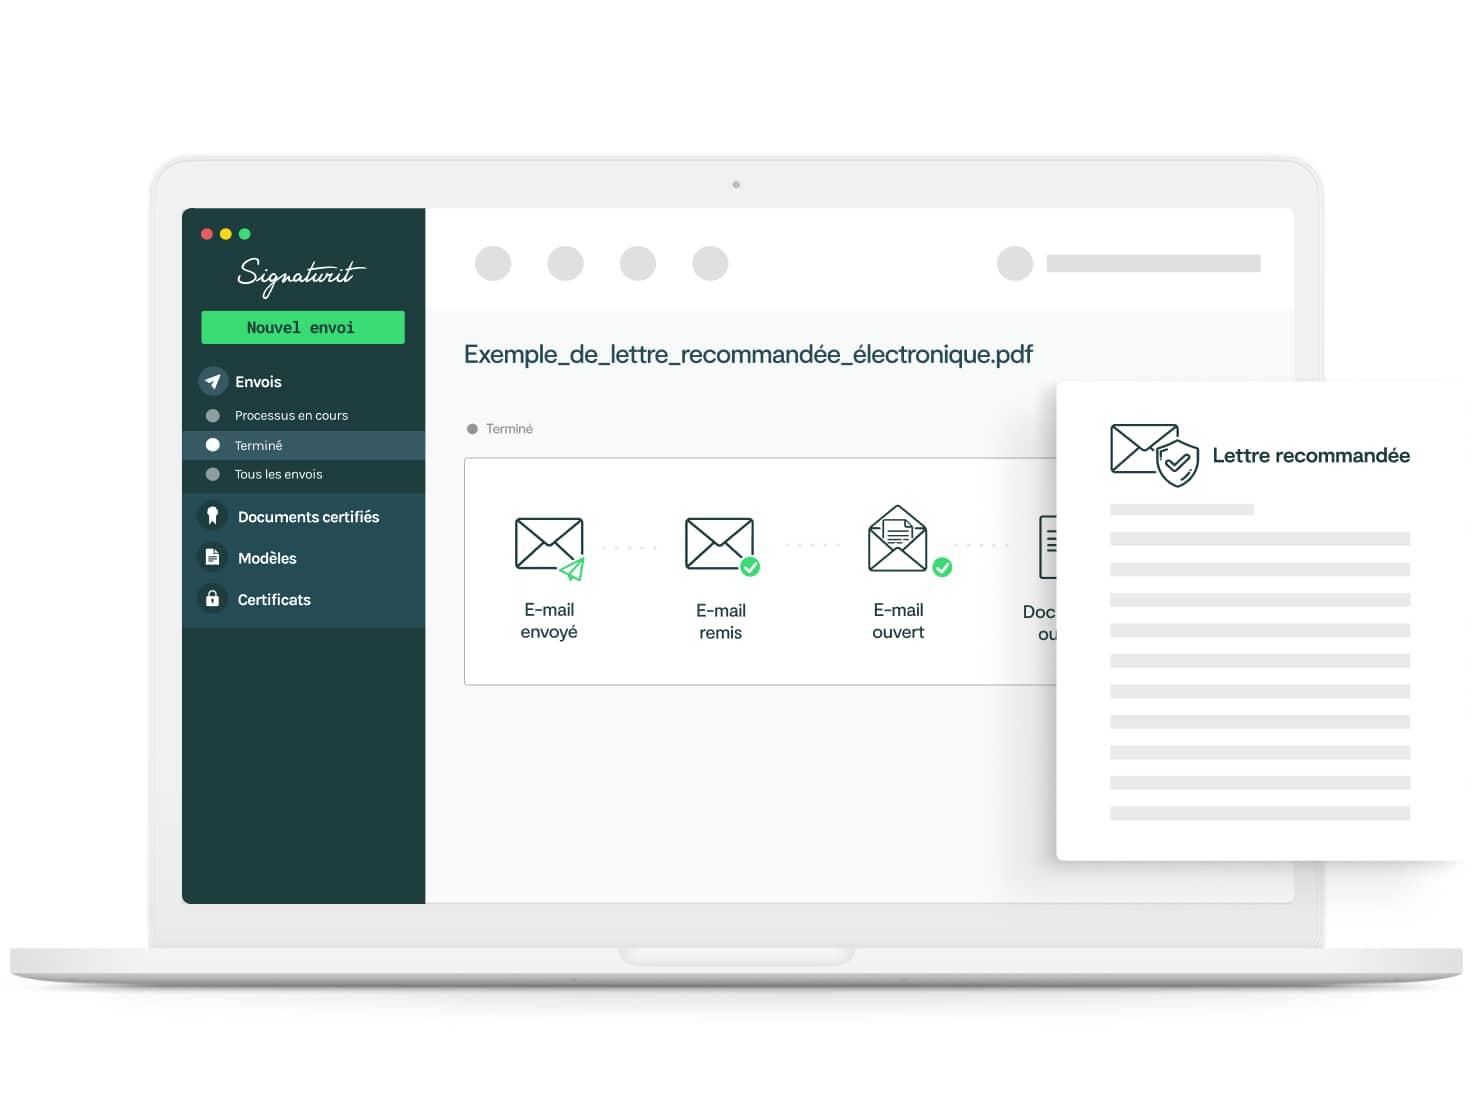 envoi recommandé électronique Signaturit